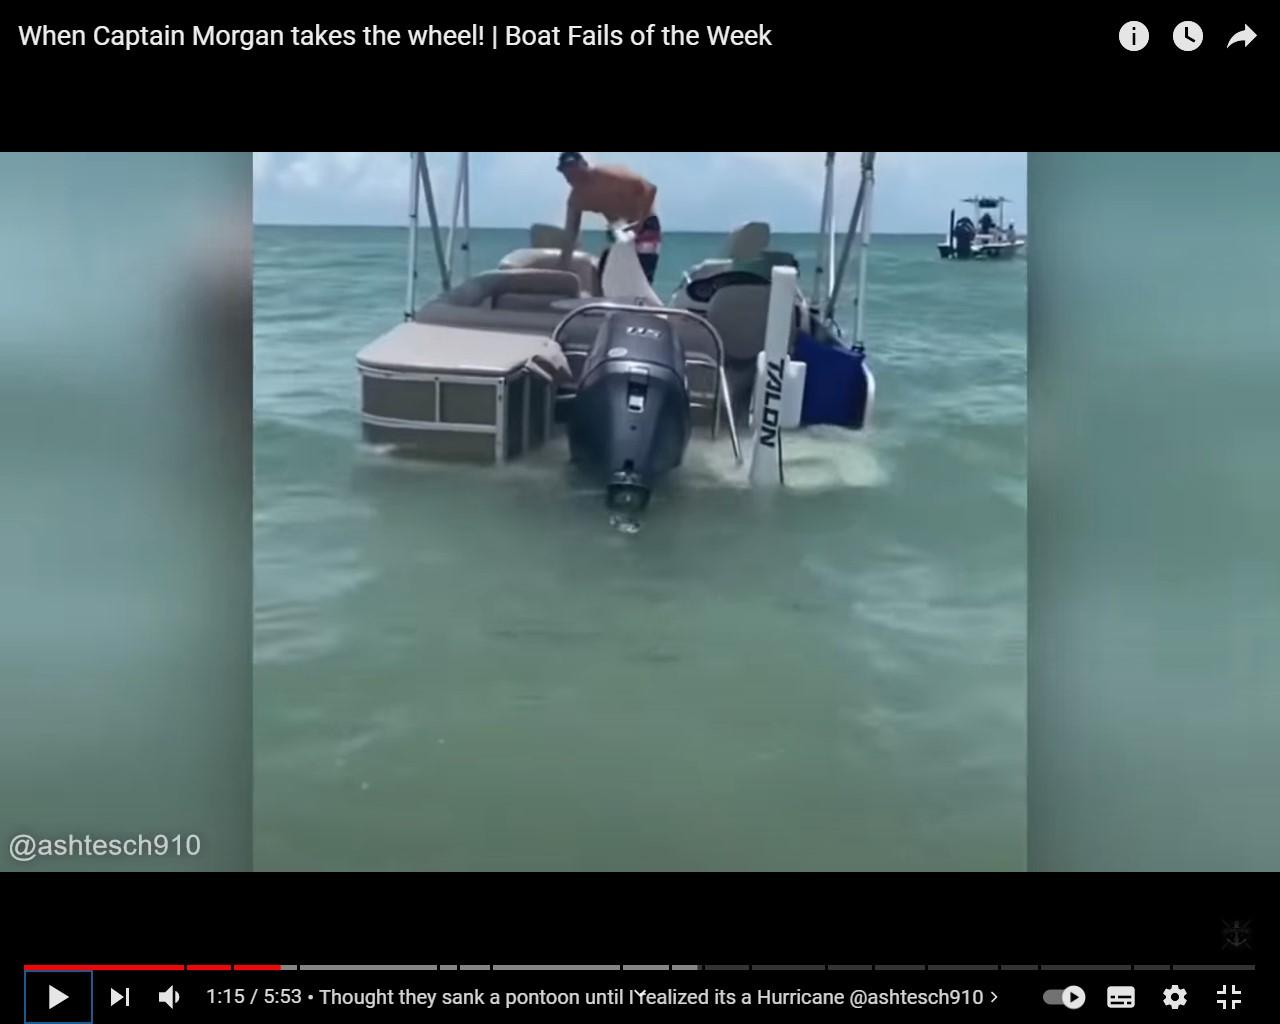 ¡Fallos de botes! El pirata Morgan toma el timón